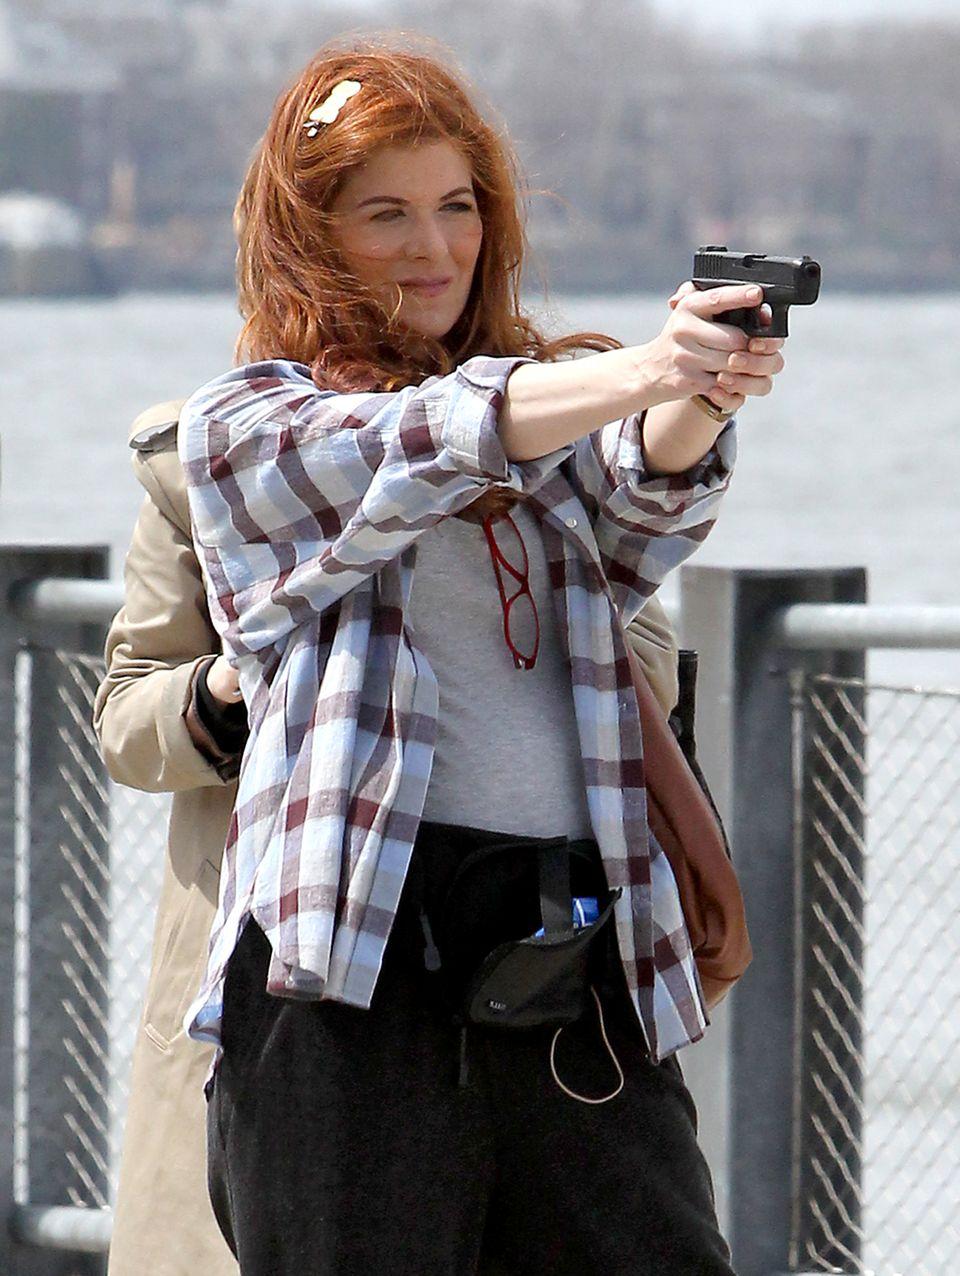 """14. April 2014: Die Dreharbeiten zum Film """"The Mysteries of Laura"""" mit Debra Messing finden am Fuß der Freiheitsstatue in New York statt."""